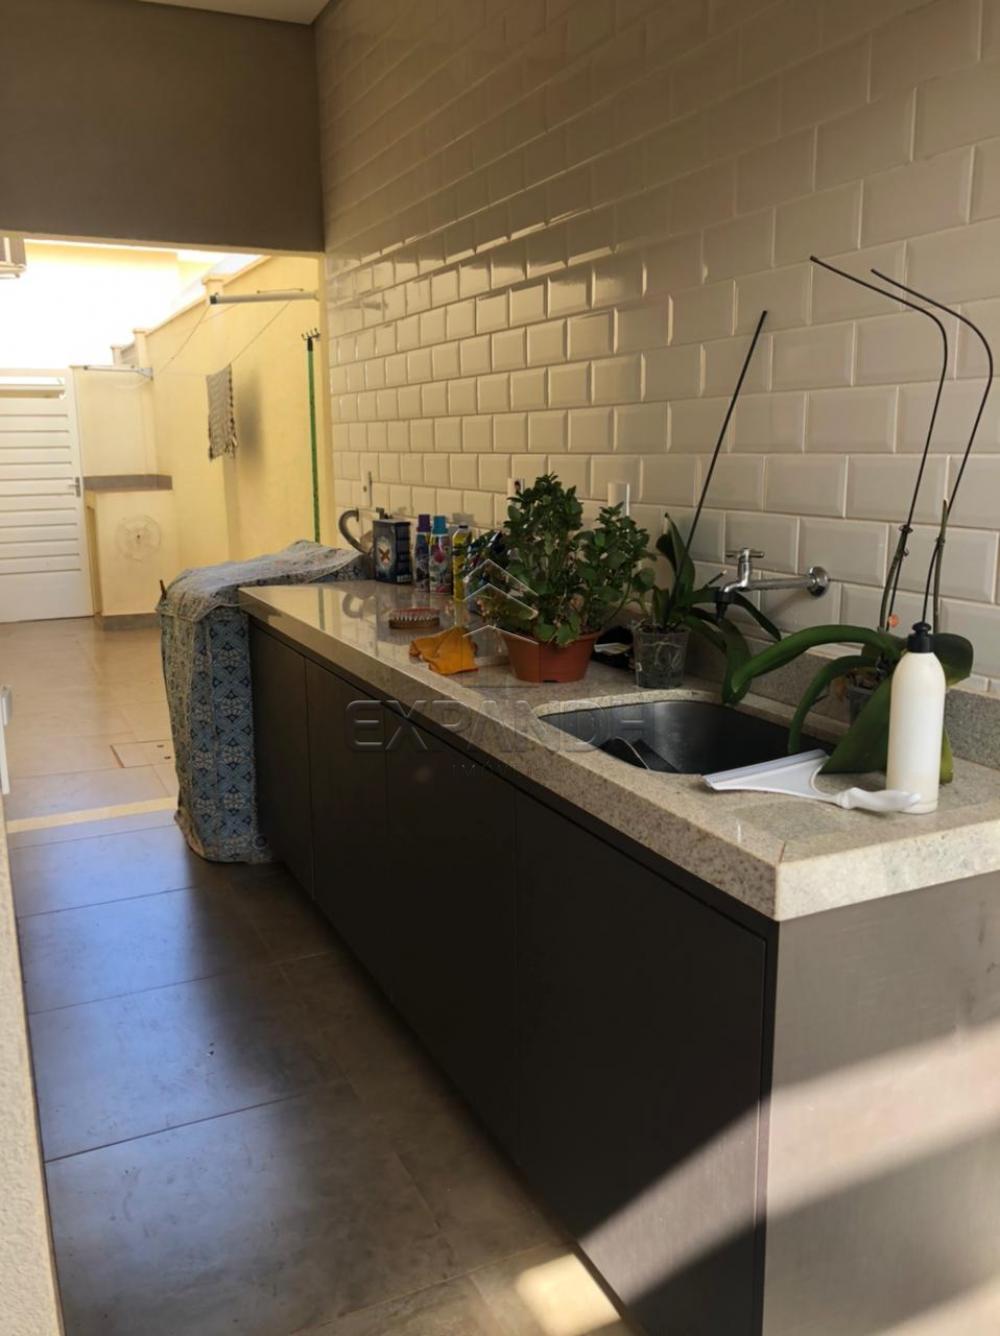 Comprar Casas / Condomínio em Sertãozinho R$ 530.000,00 - Foto 12